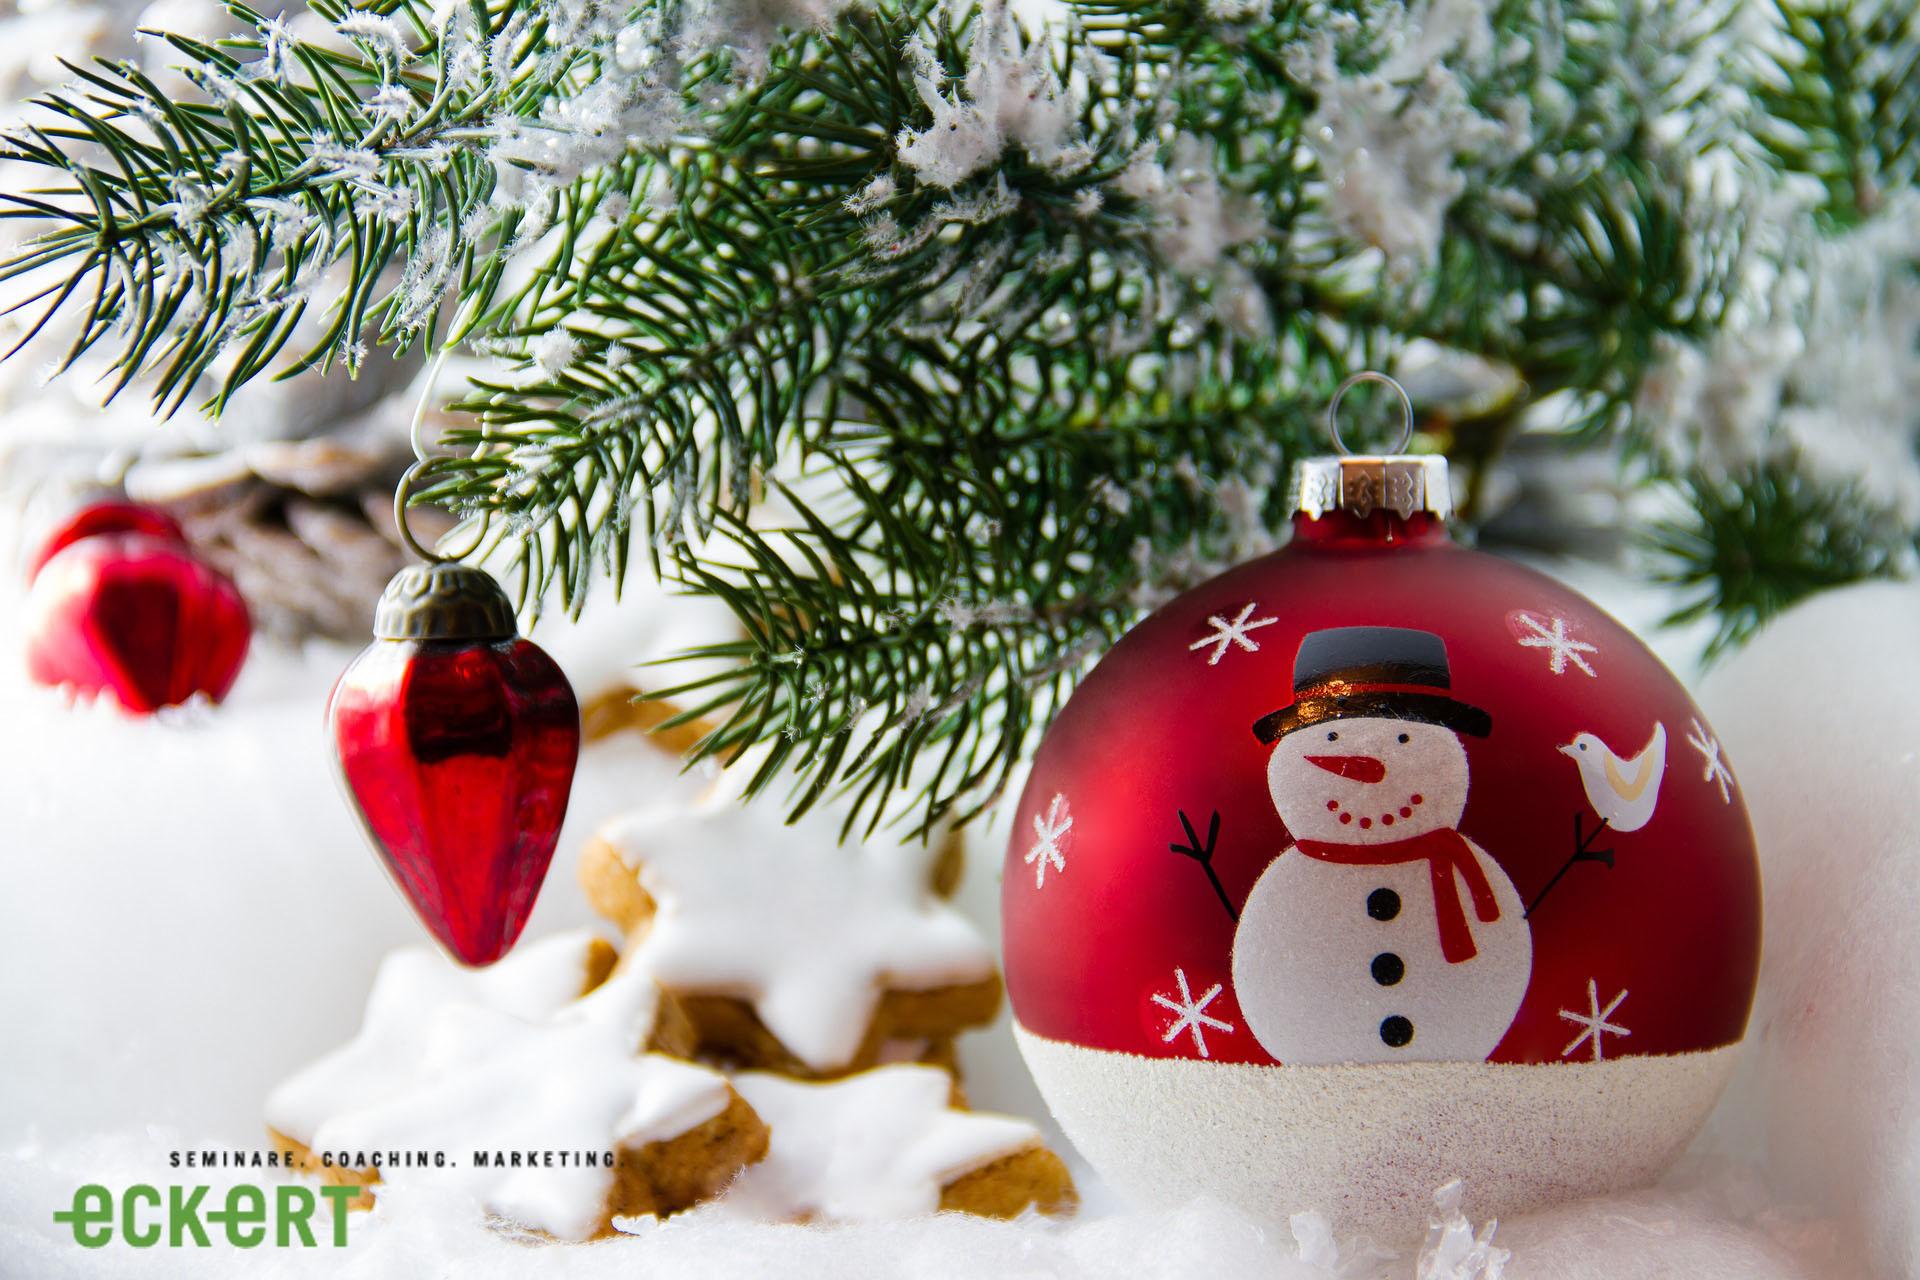 Eckert Seminare wünscht Ihnen einen besinnlichen 2. Weihnachtsfeiertag!